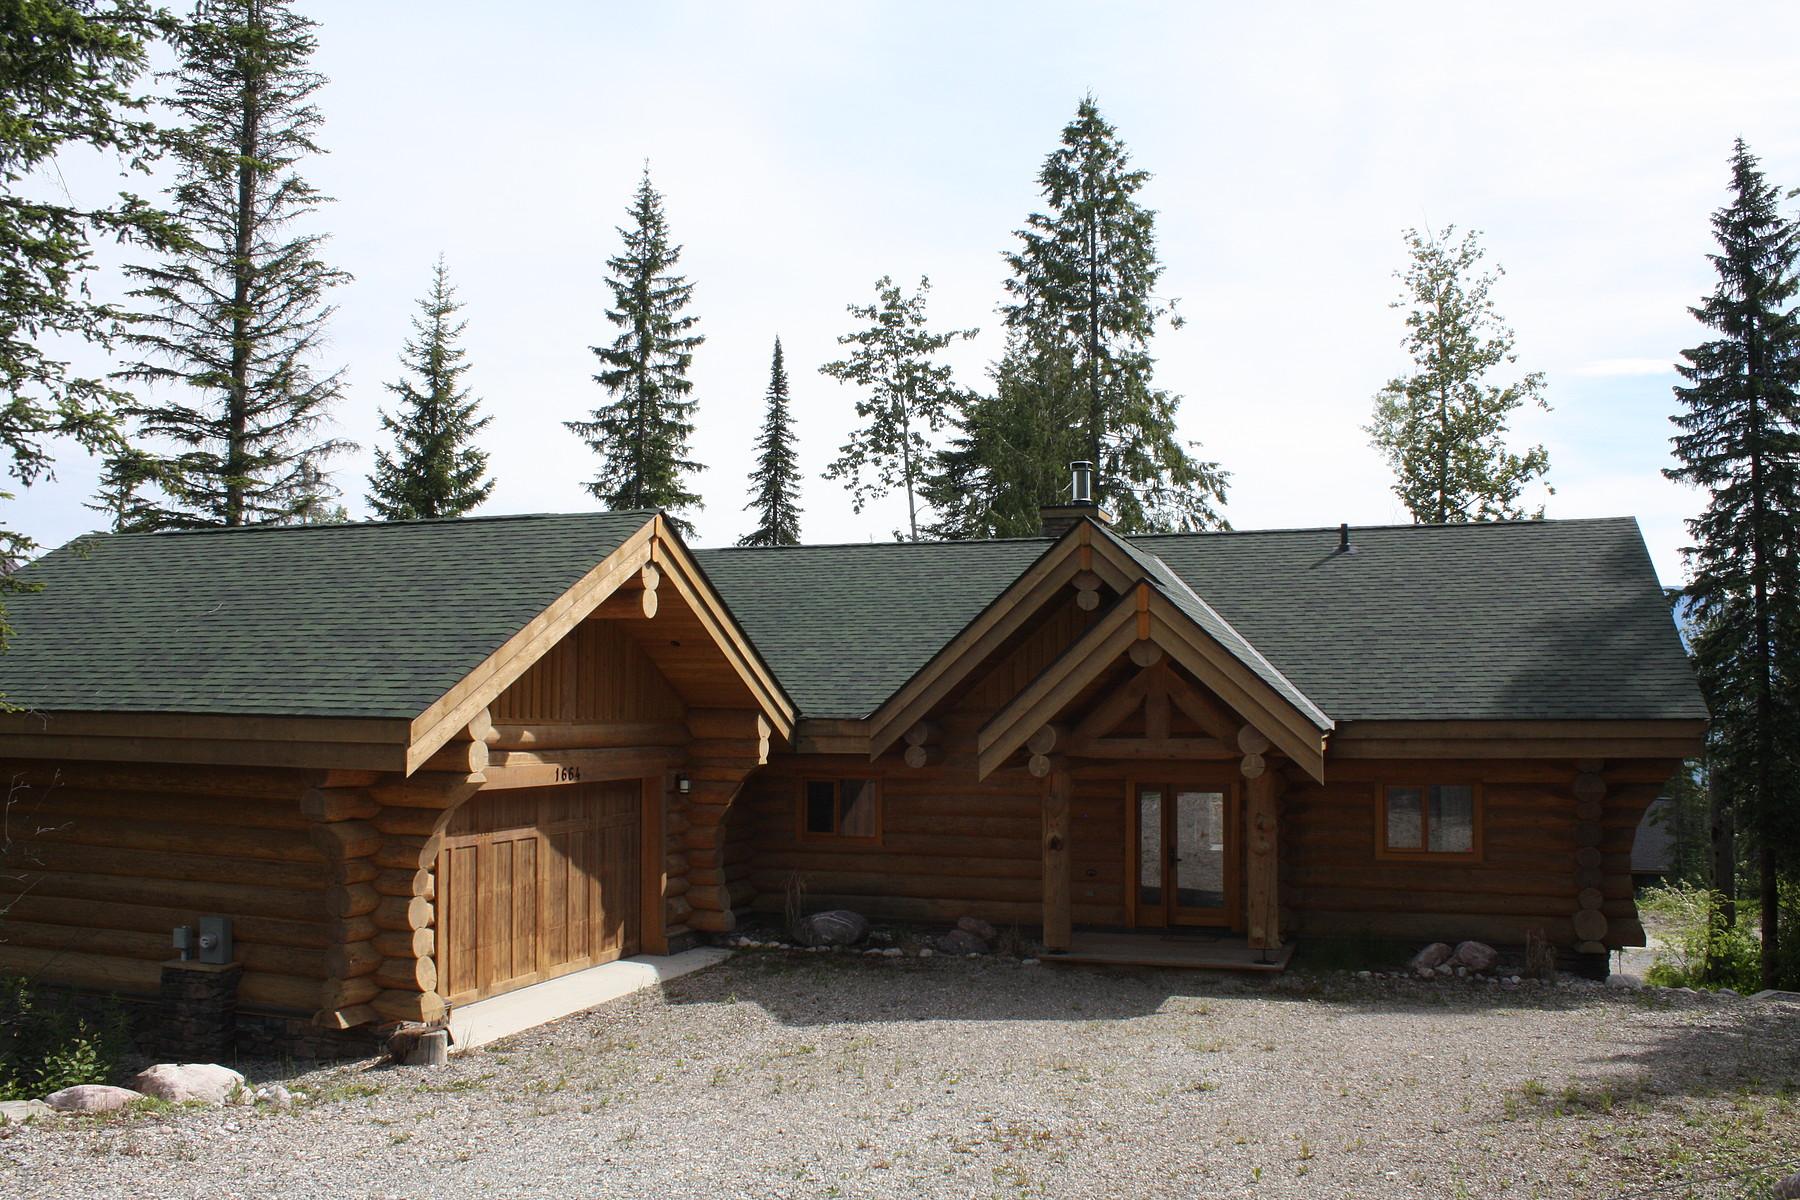 一戸建て のために 売買 アット Classic Canadiana Log Cabin 1664 Thompson Crescent Golden, ブリティッシュコロンビア, V0A1H0 カナダ